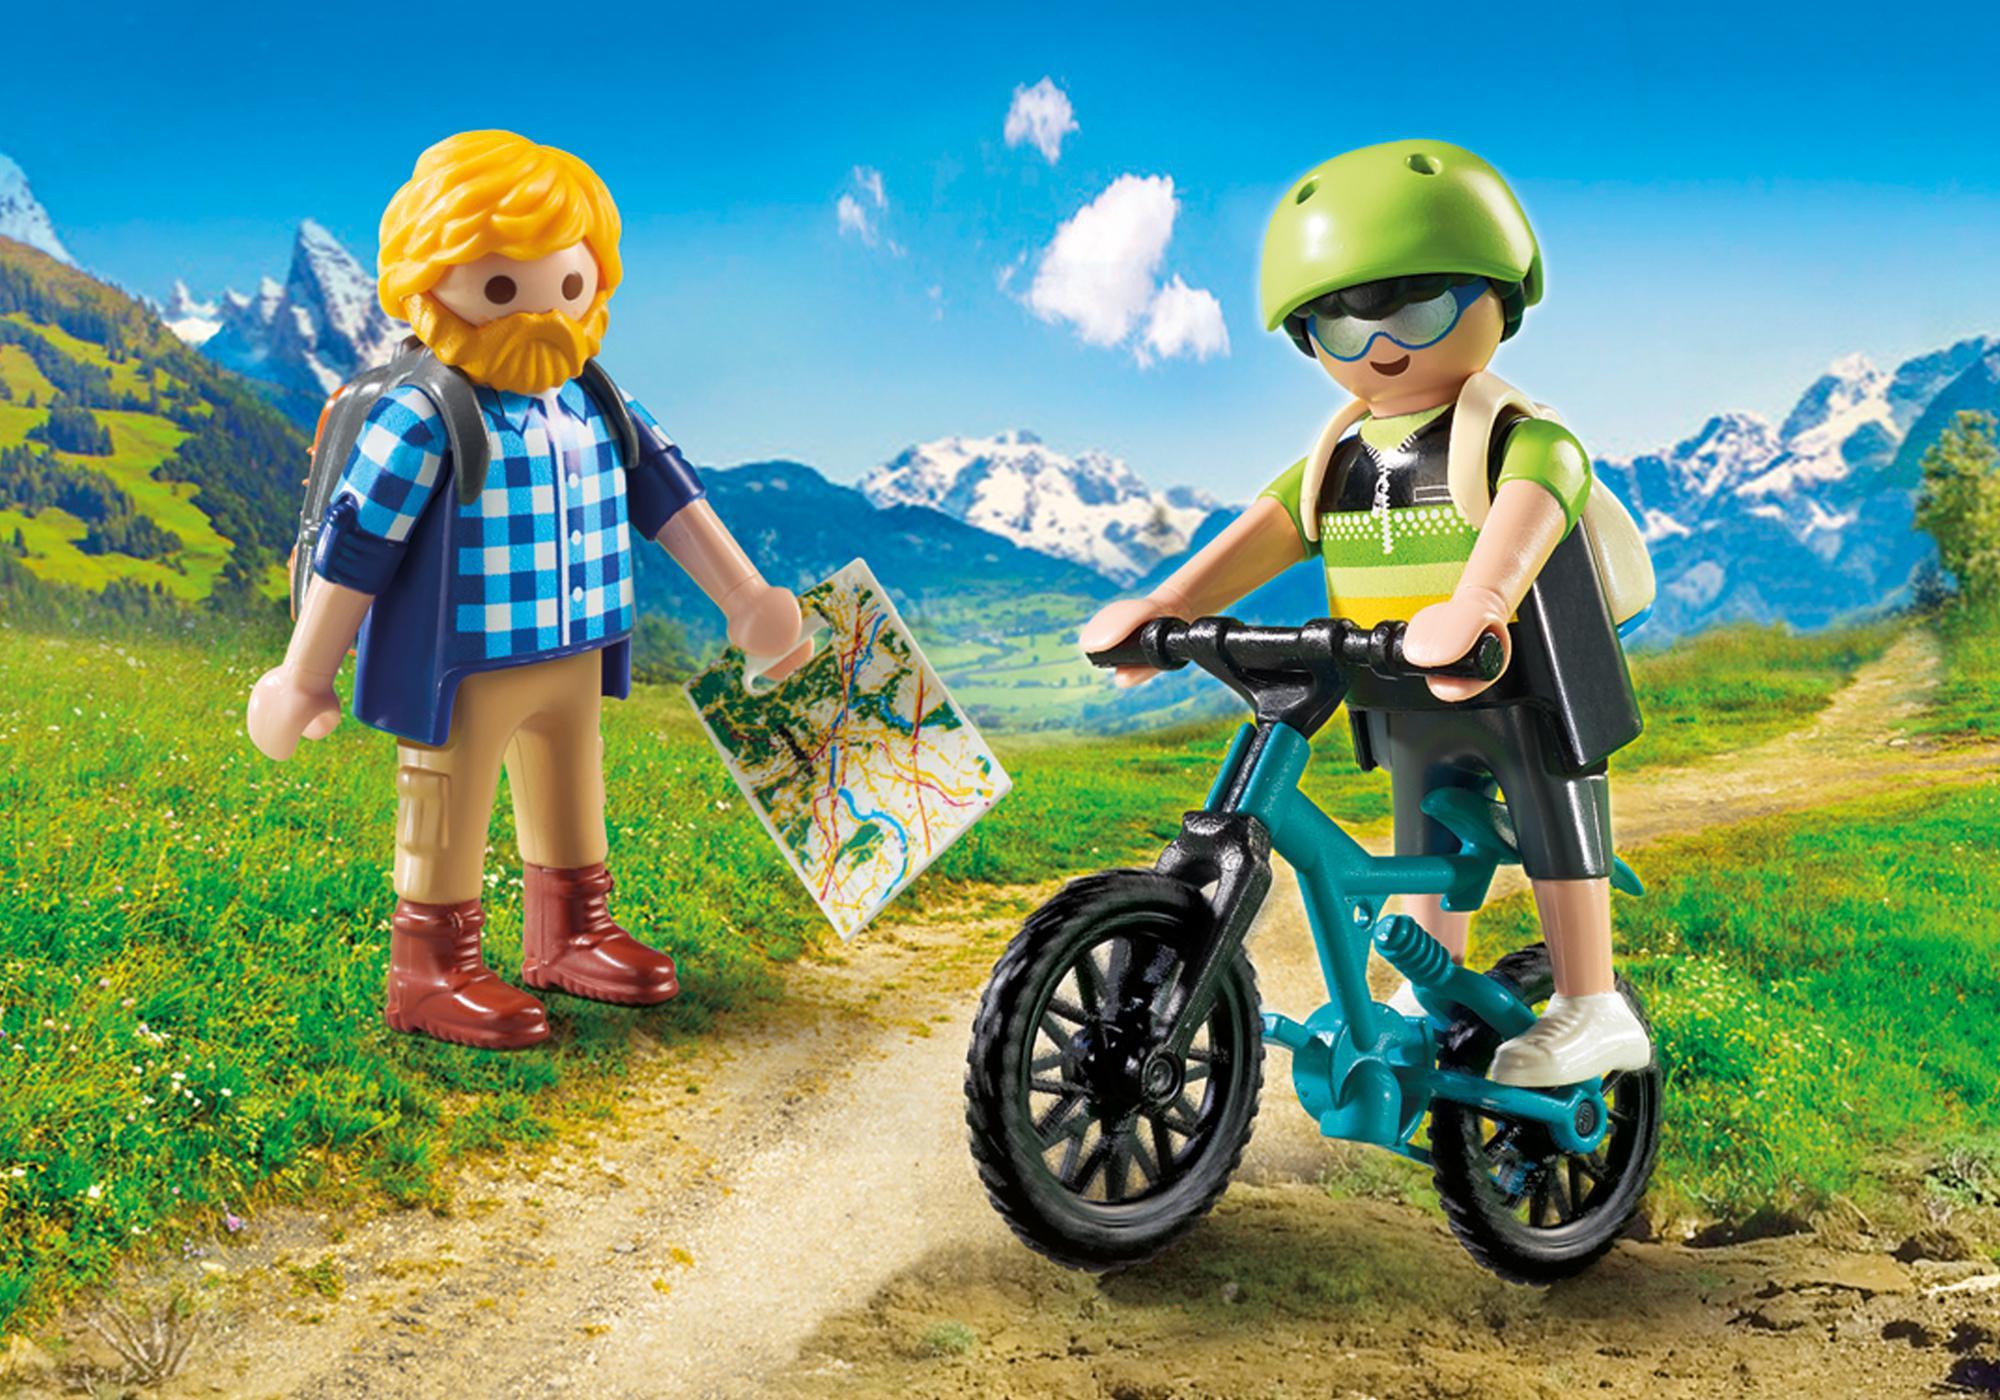 http://media.playmobil.com/i/playmobil/9129_product_detail/Ciclista e Excursionista